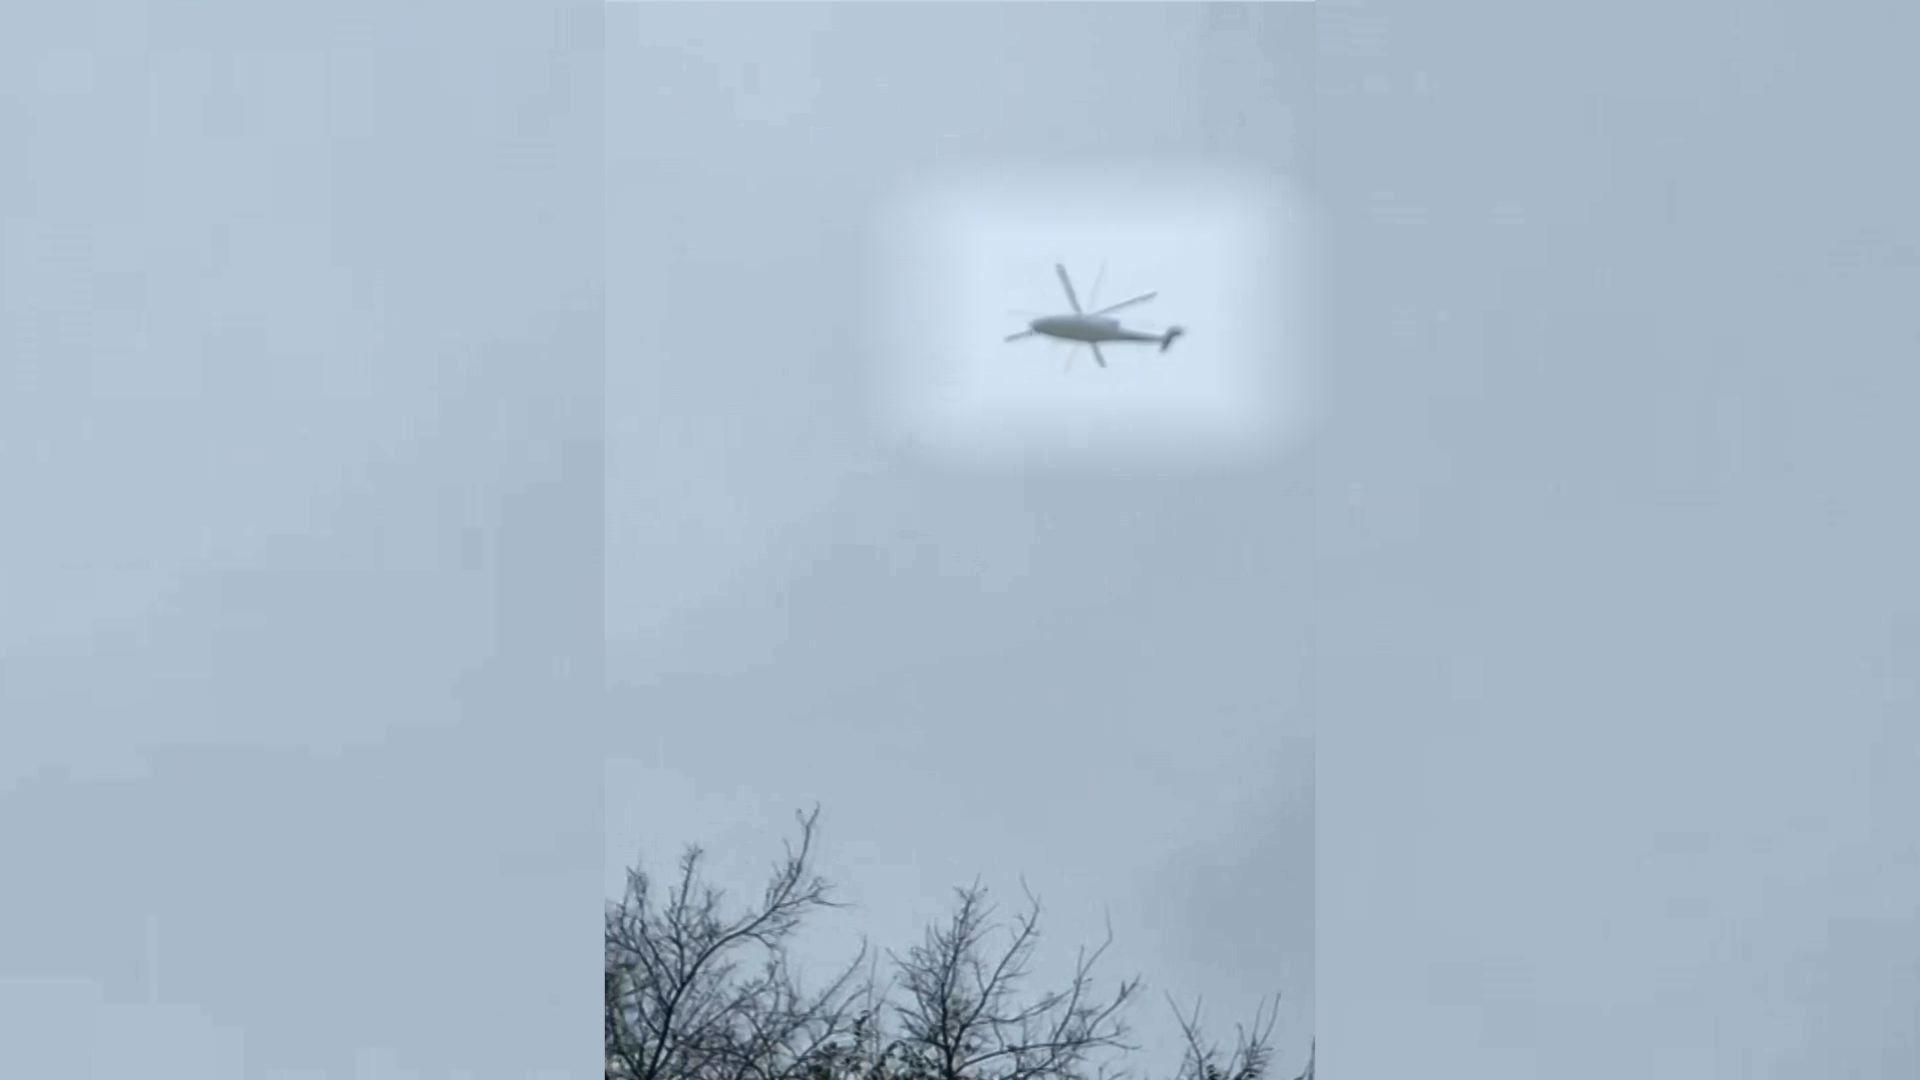 Las últimas imágenes del helicóptero de Kobe Bryant volando.Pilar Gutiérrez de Piñeres Campo es una auténtica trotamundos